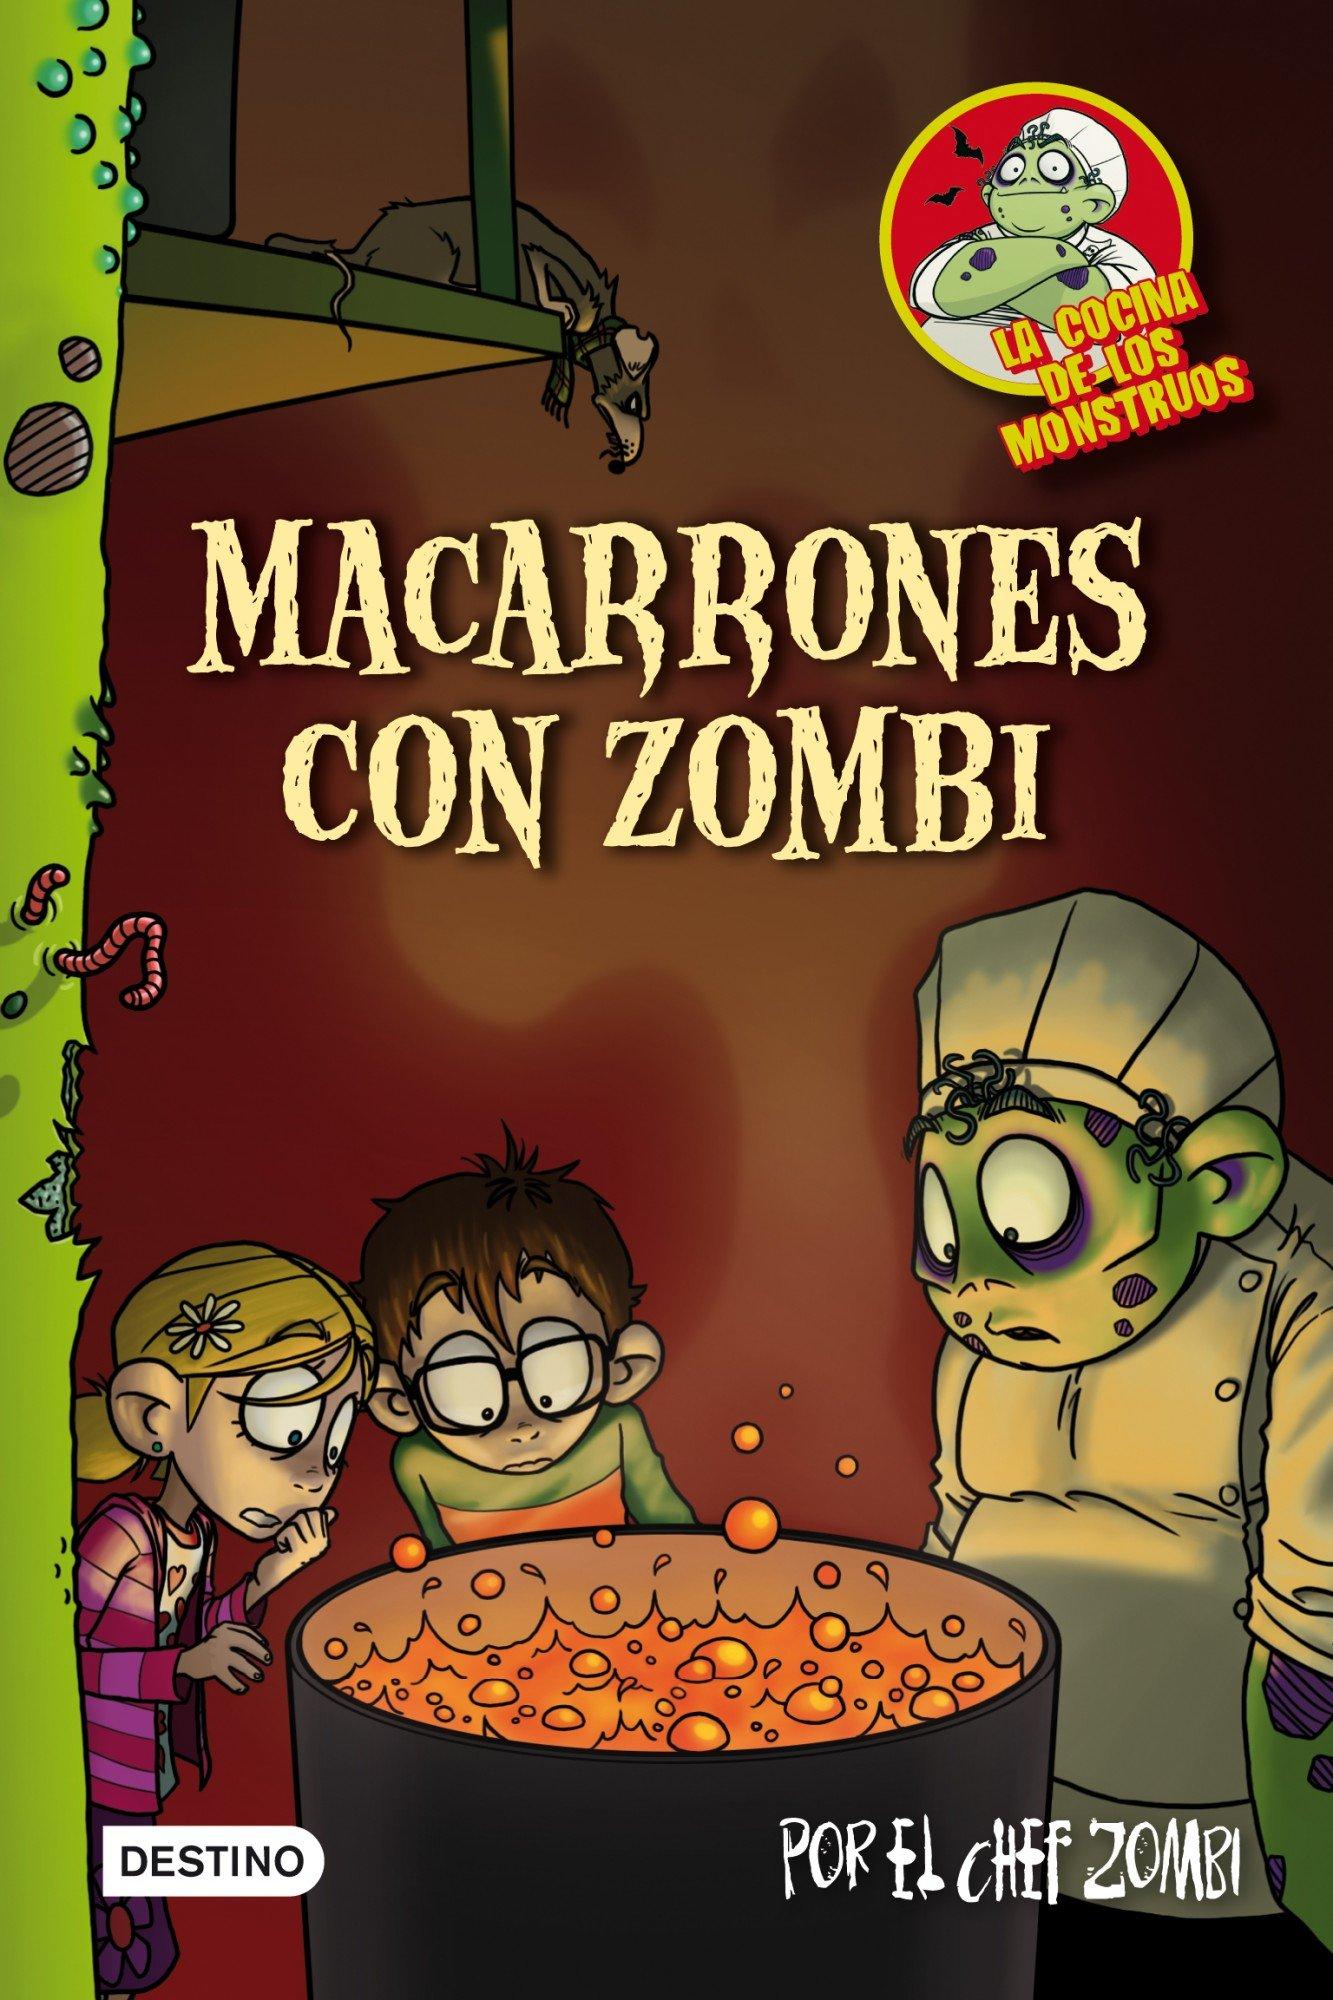 Macarrones Con Zombi La Cocina De Los Monstruos 1 Spanish Edition 9788408100140 Piñol Martín Books